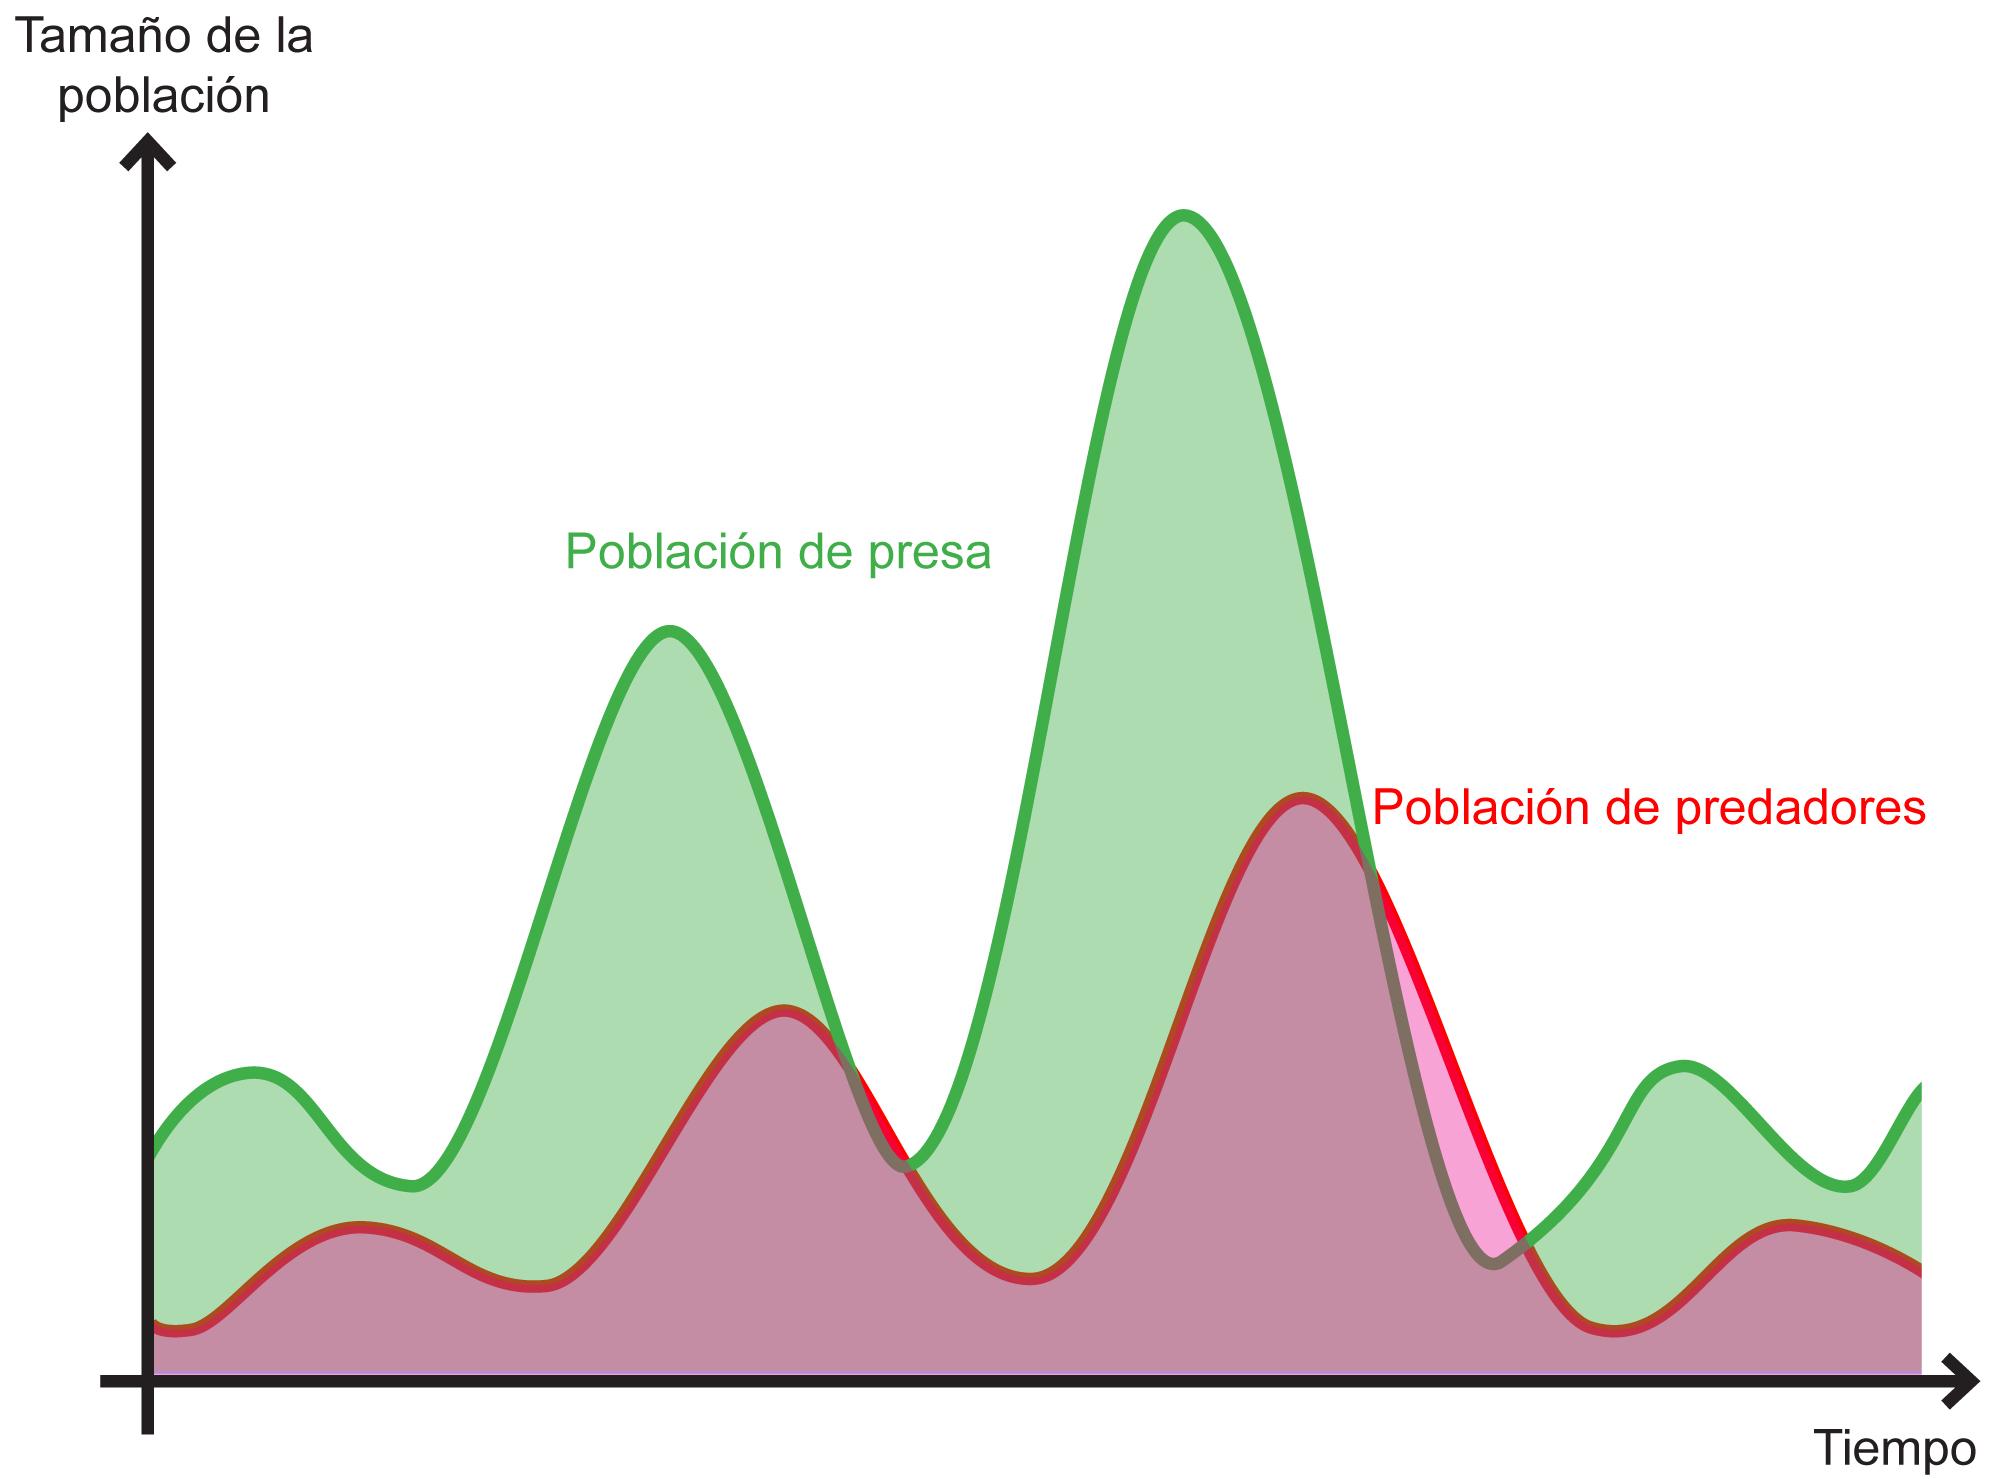 Desarrollo de la población de predadores y presas